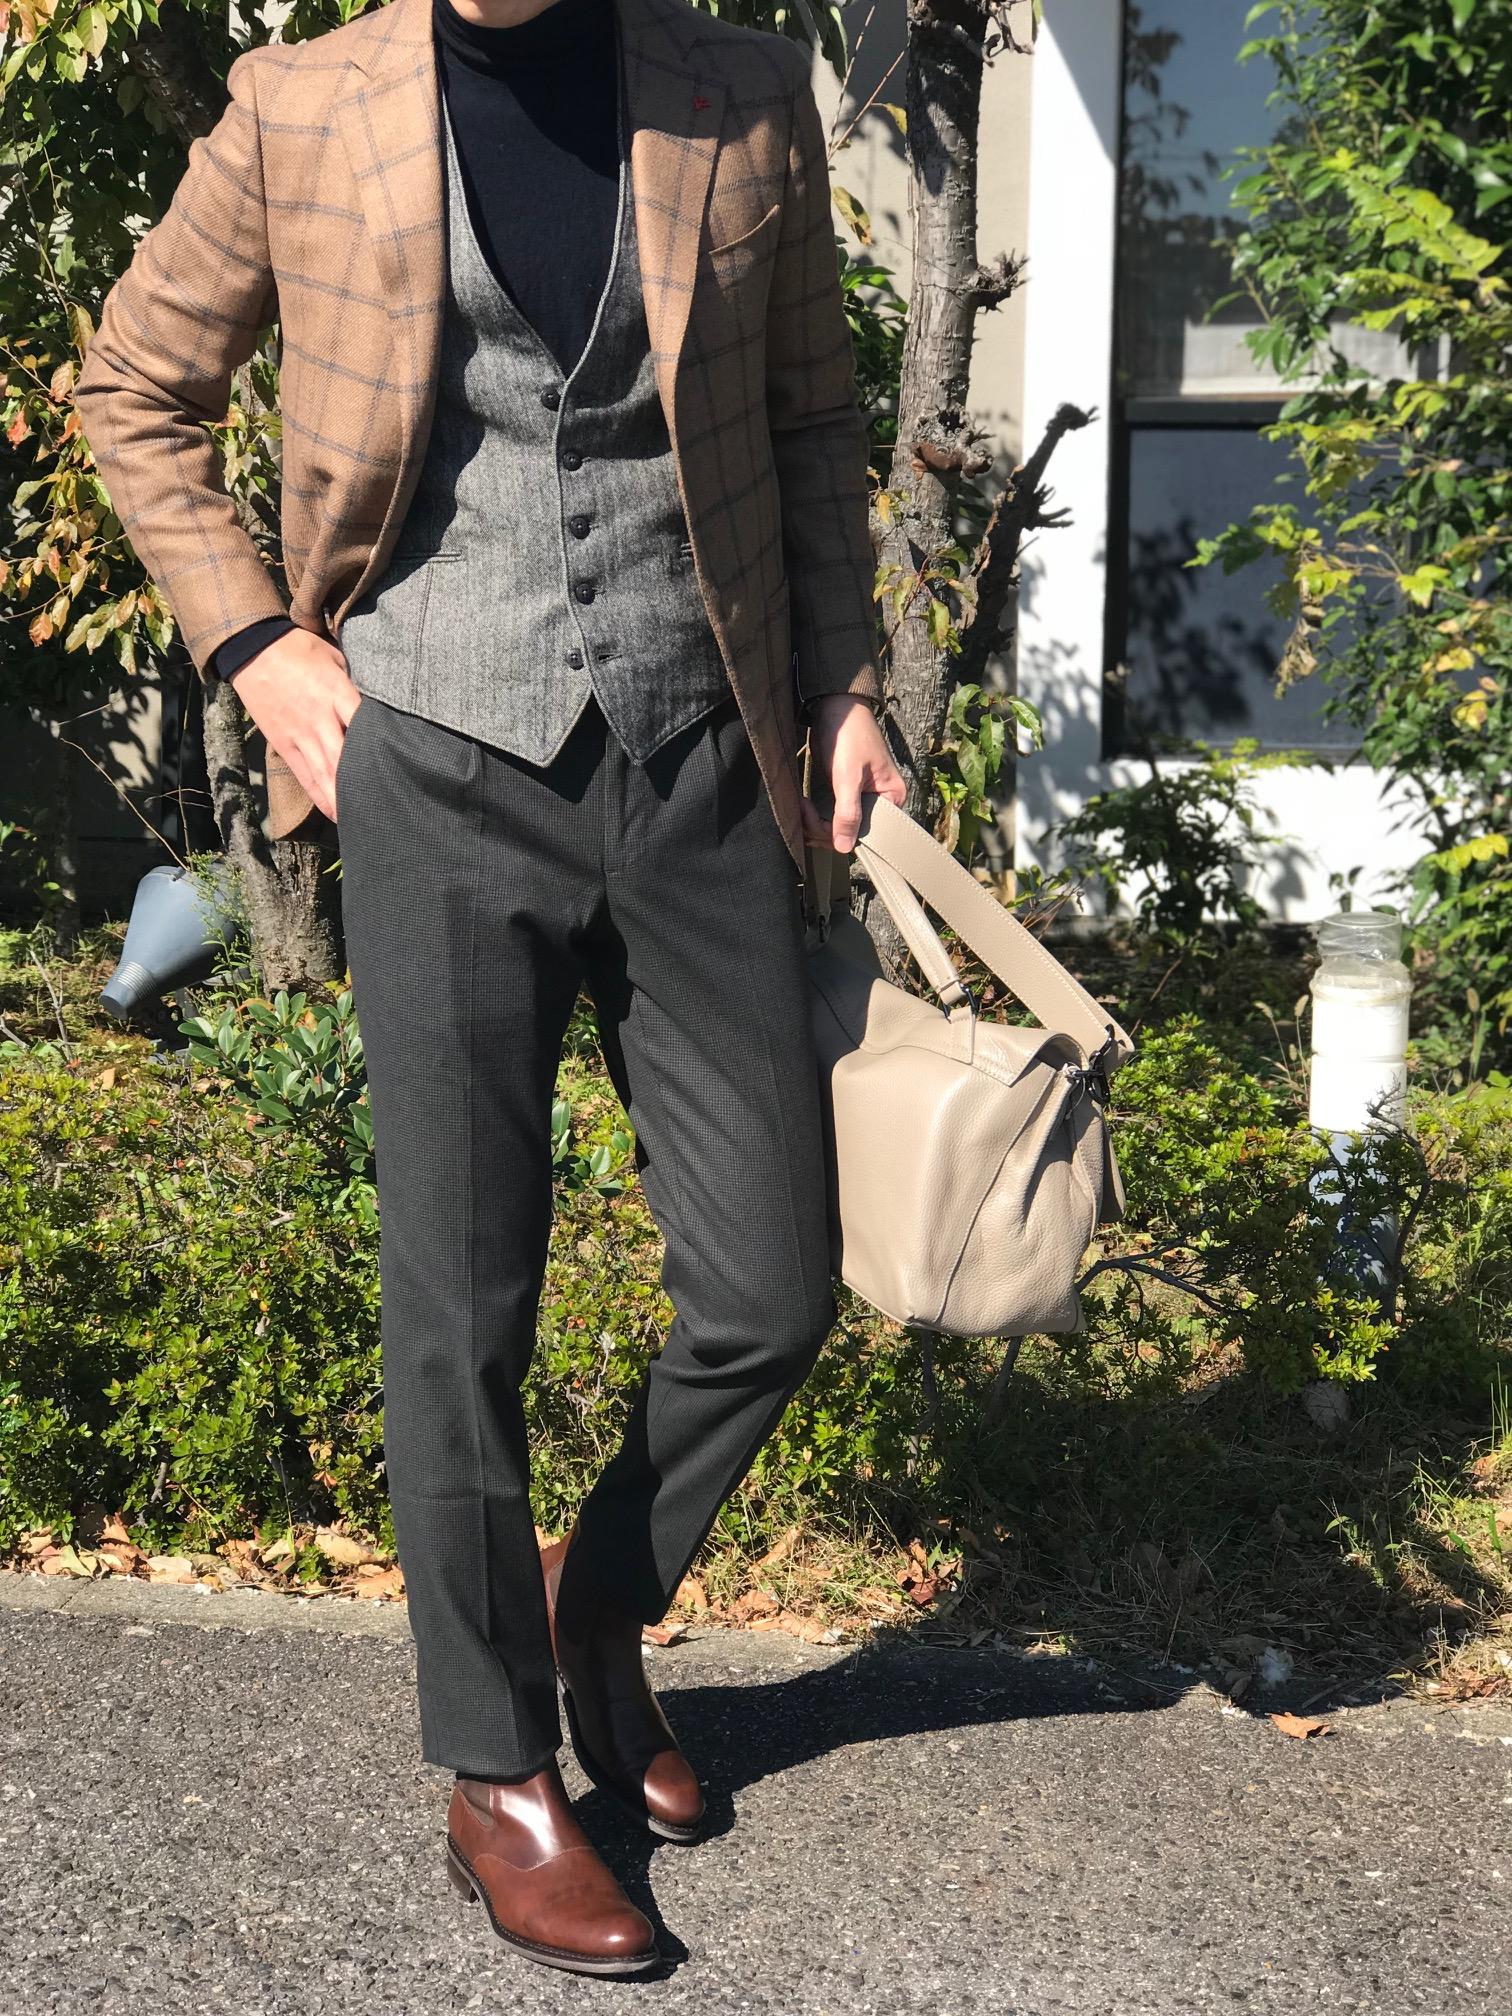 今年気になるパンツの新しい提案③! 【INCOTEX】コットンストレッチ ミニチェック柄パンツ!!